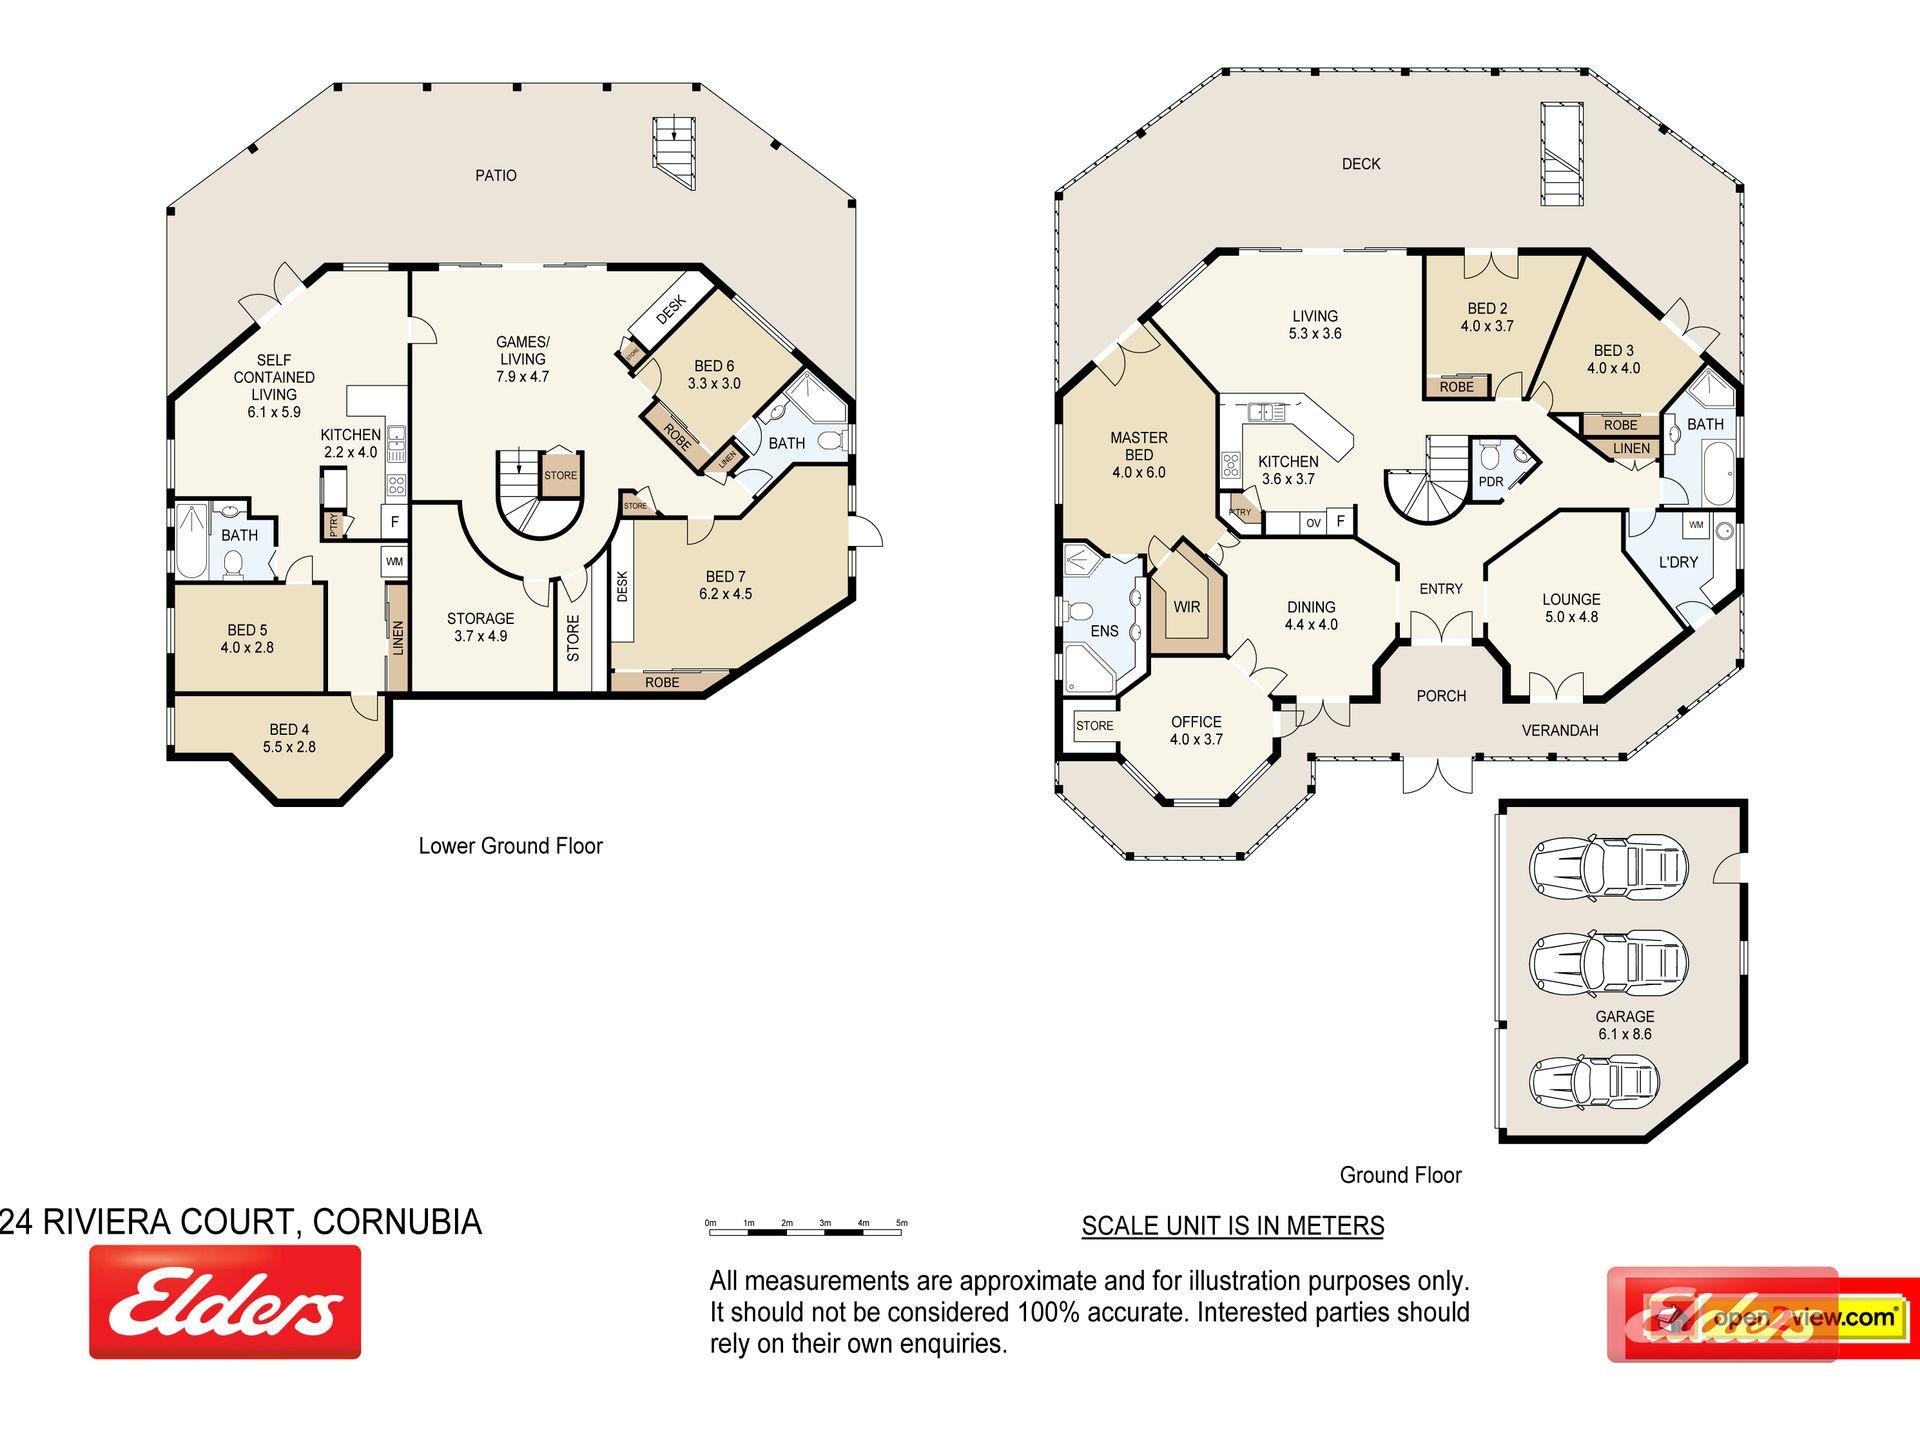 24 Riviera Court, Cornubia